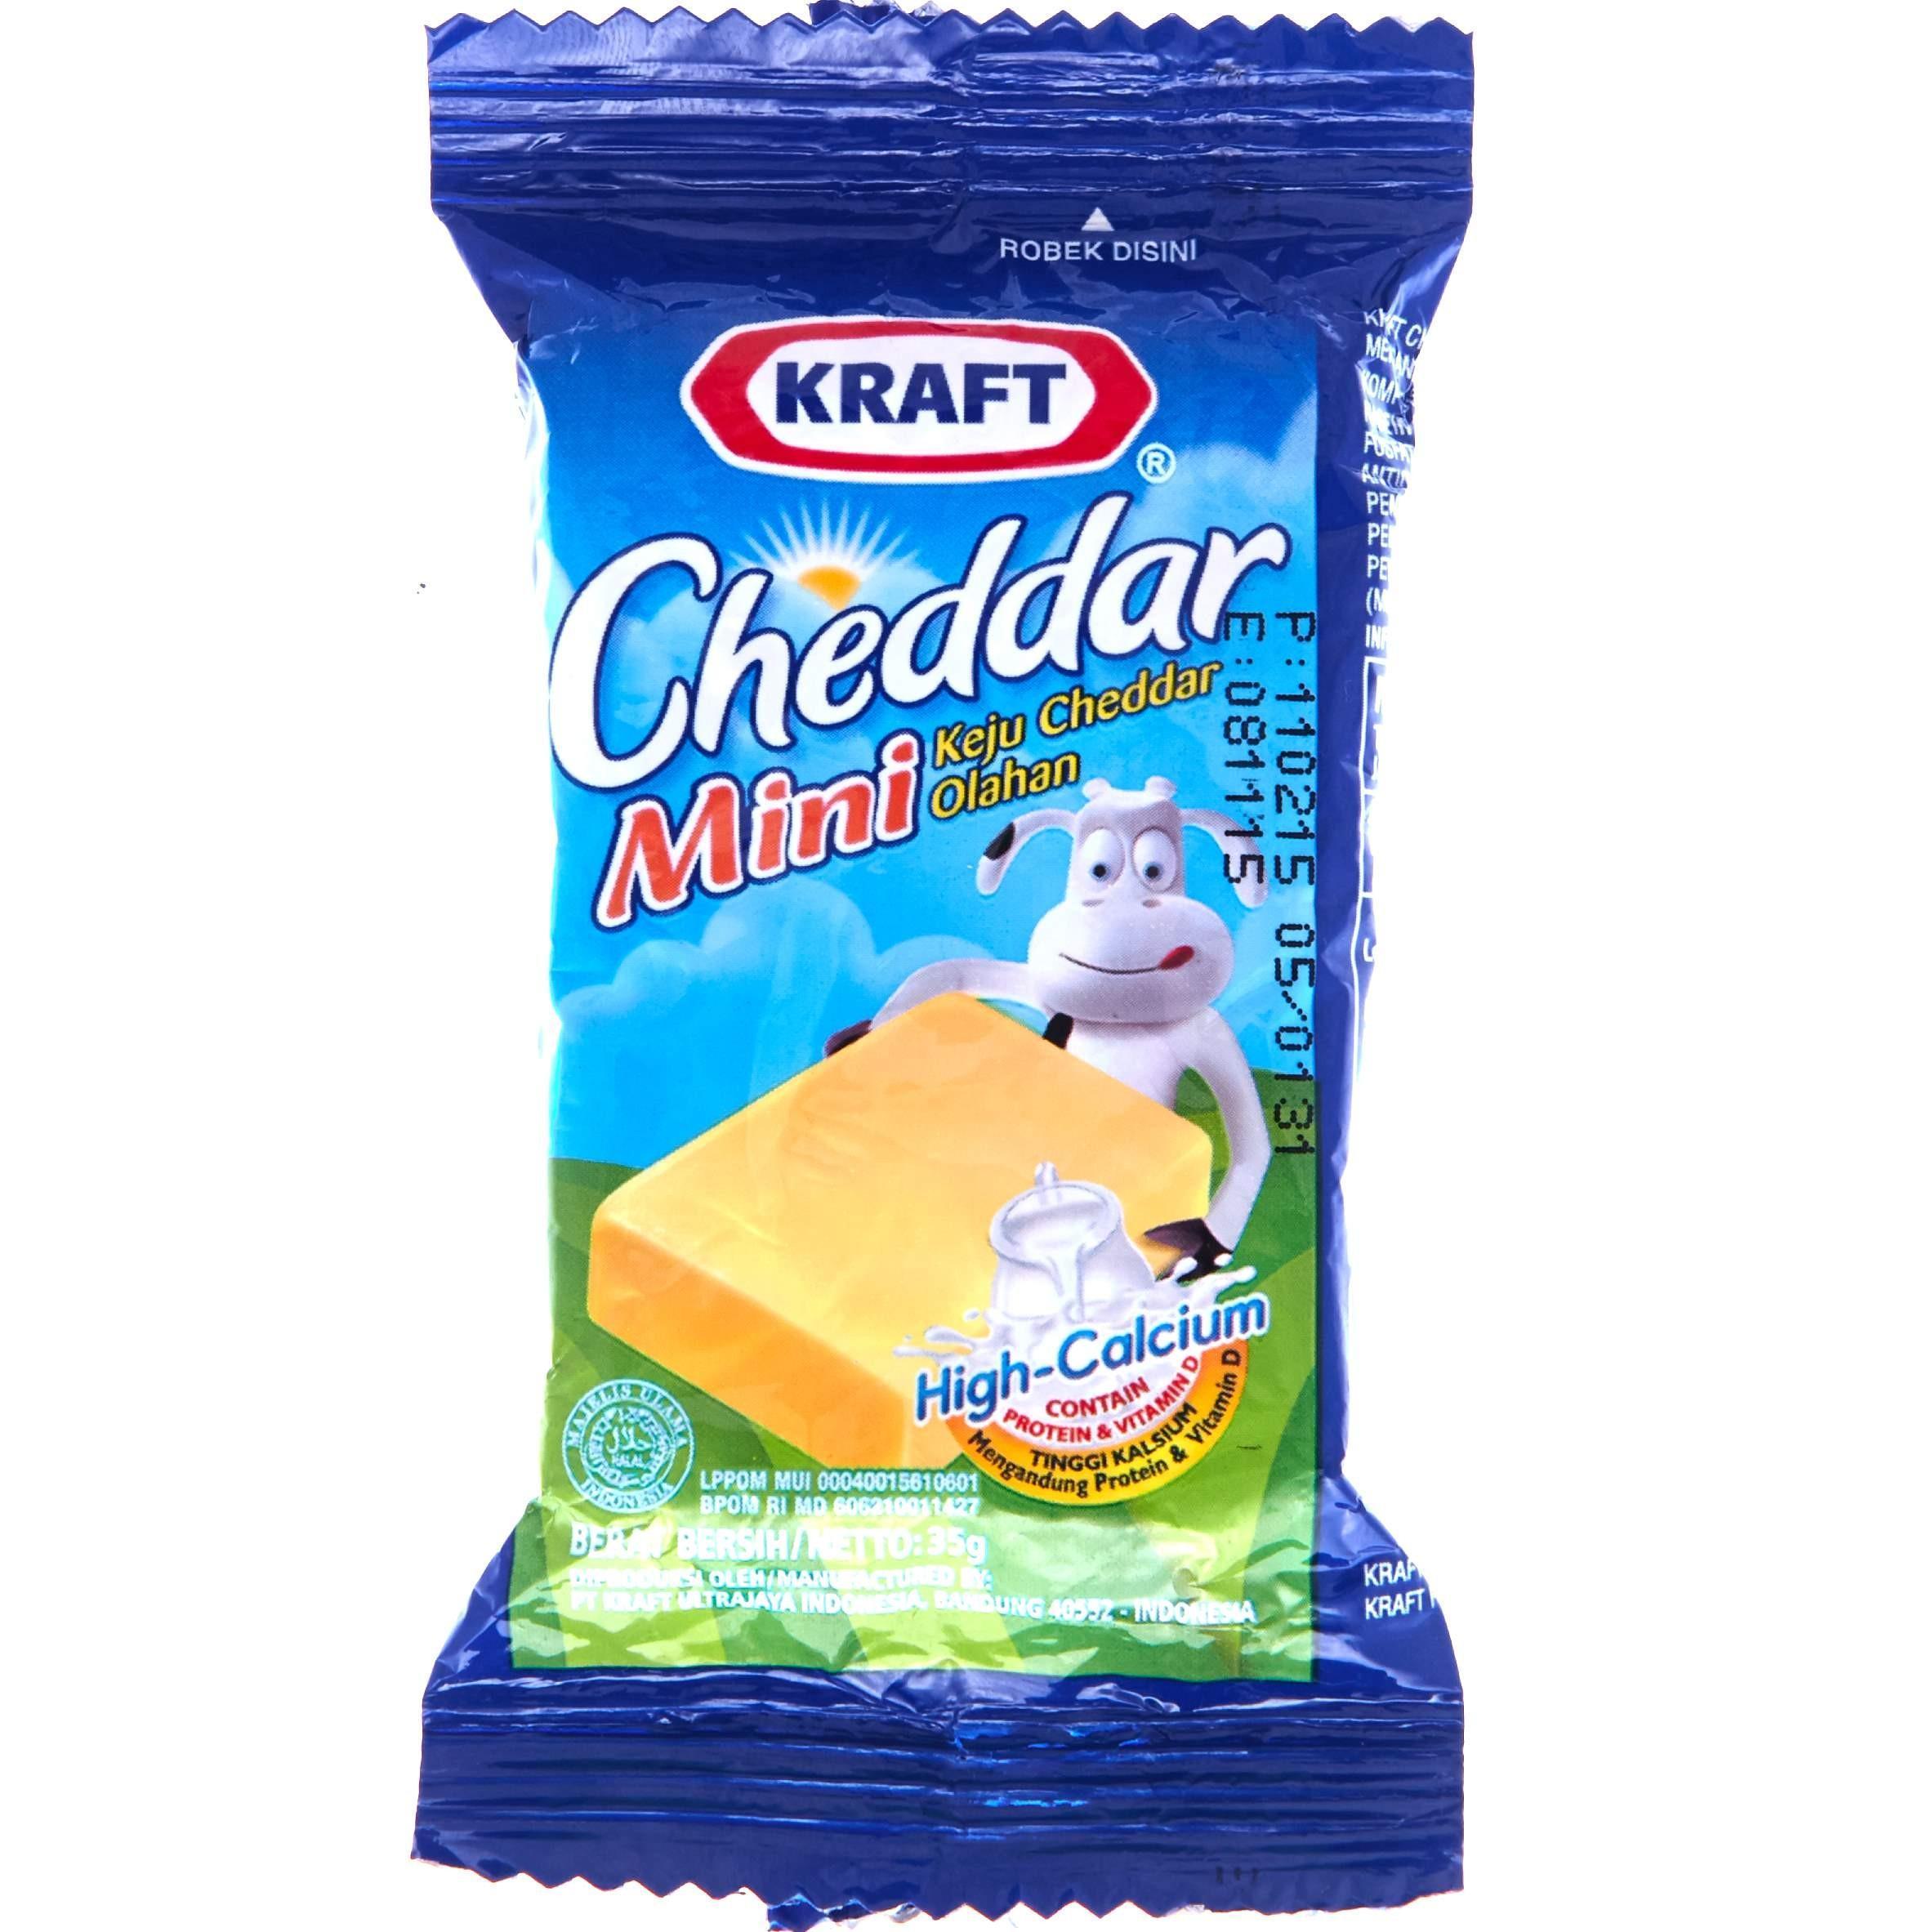 Produk Kraft Online Terbaru Di Stik Keju Cheddar Mini 35g